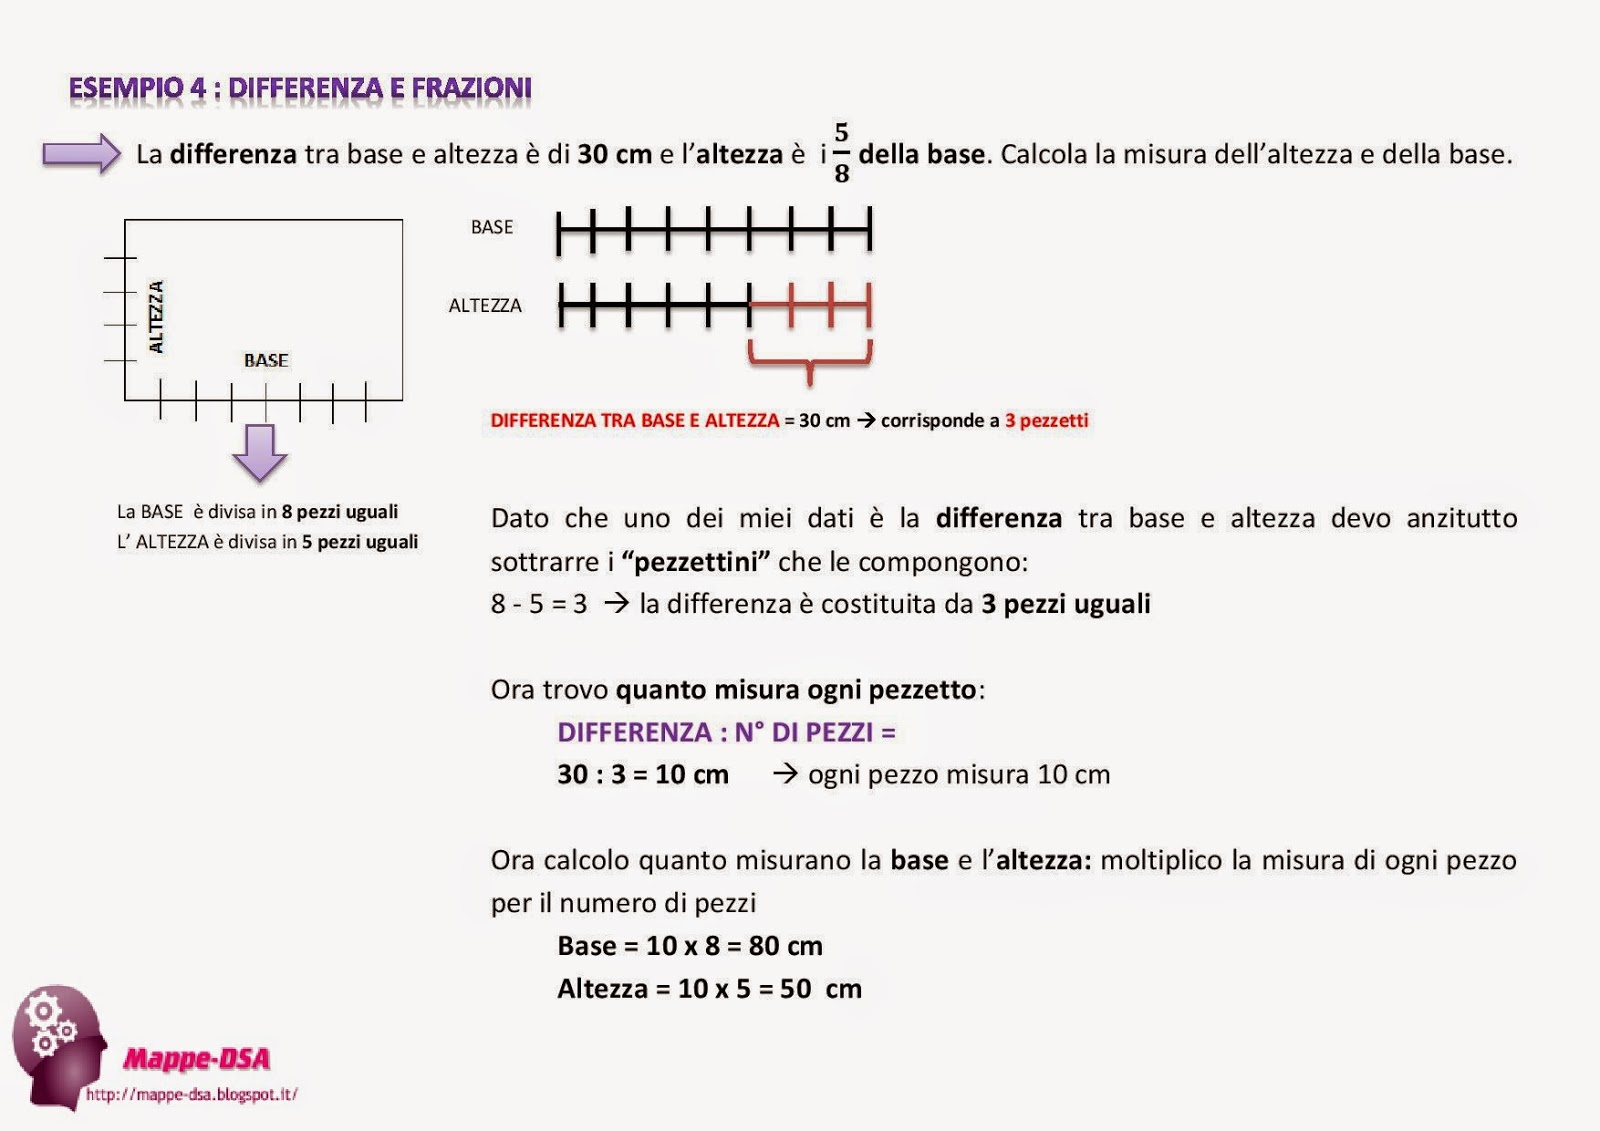 mappadsa dsa dislessia mappa schema discalculia problemi geometria frazioni